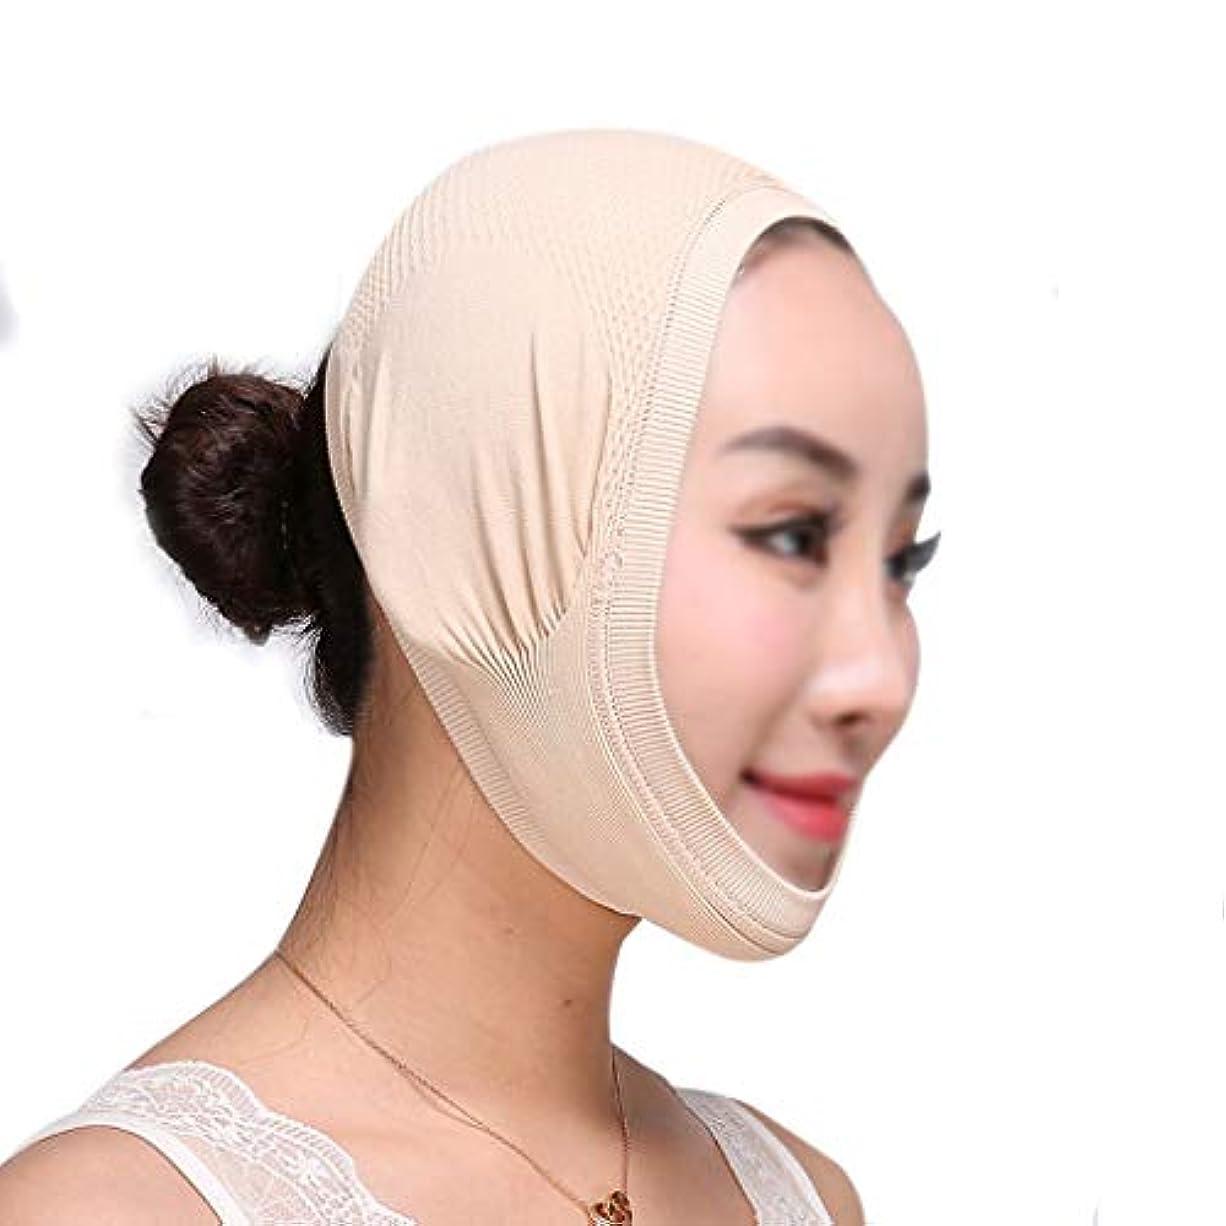 解説目的検出器TLMY フェイスリフティング包帯術後回復マスクリフティング包帯薄い顔アーティファクト薄い二重あご薄い筋肉マスク 顔用整形マスク (Color : Skin tone(B))